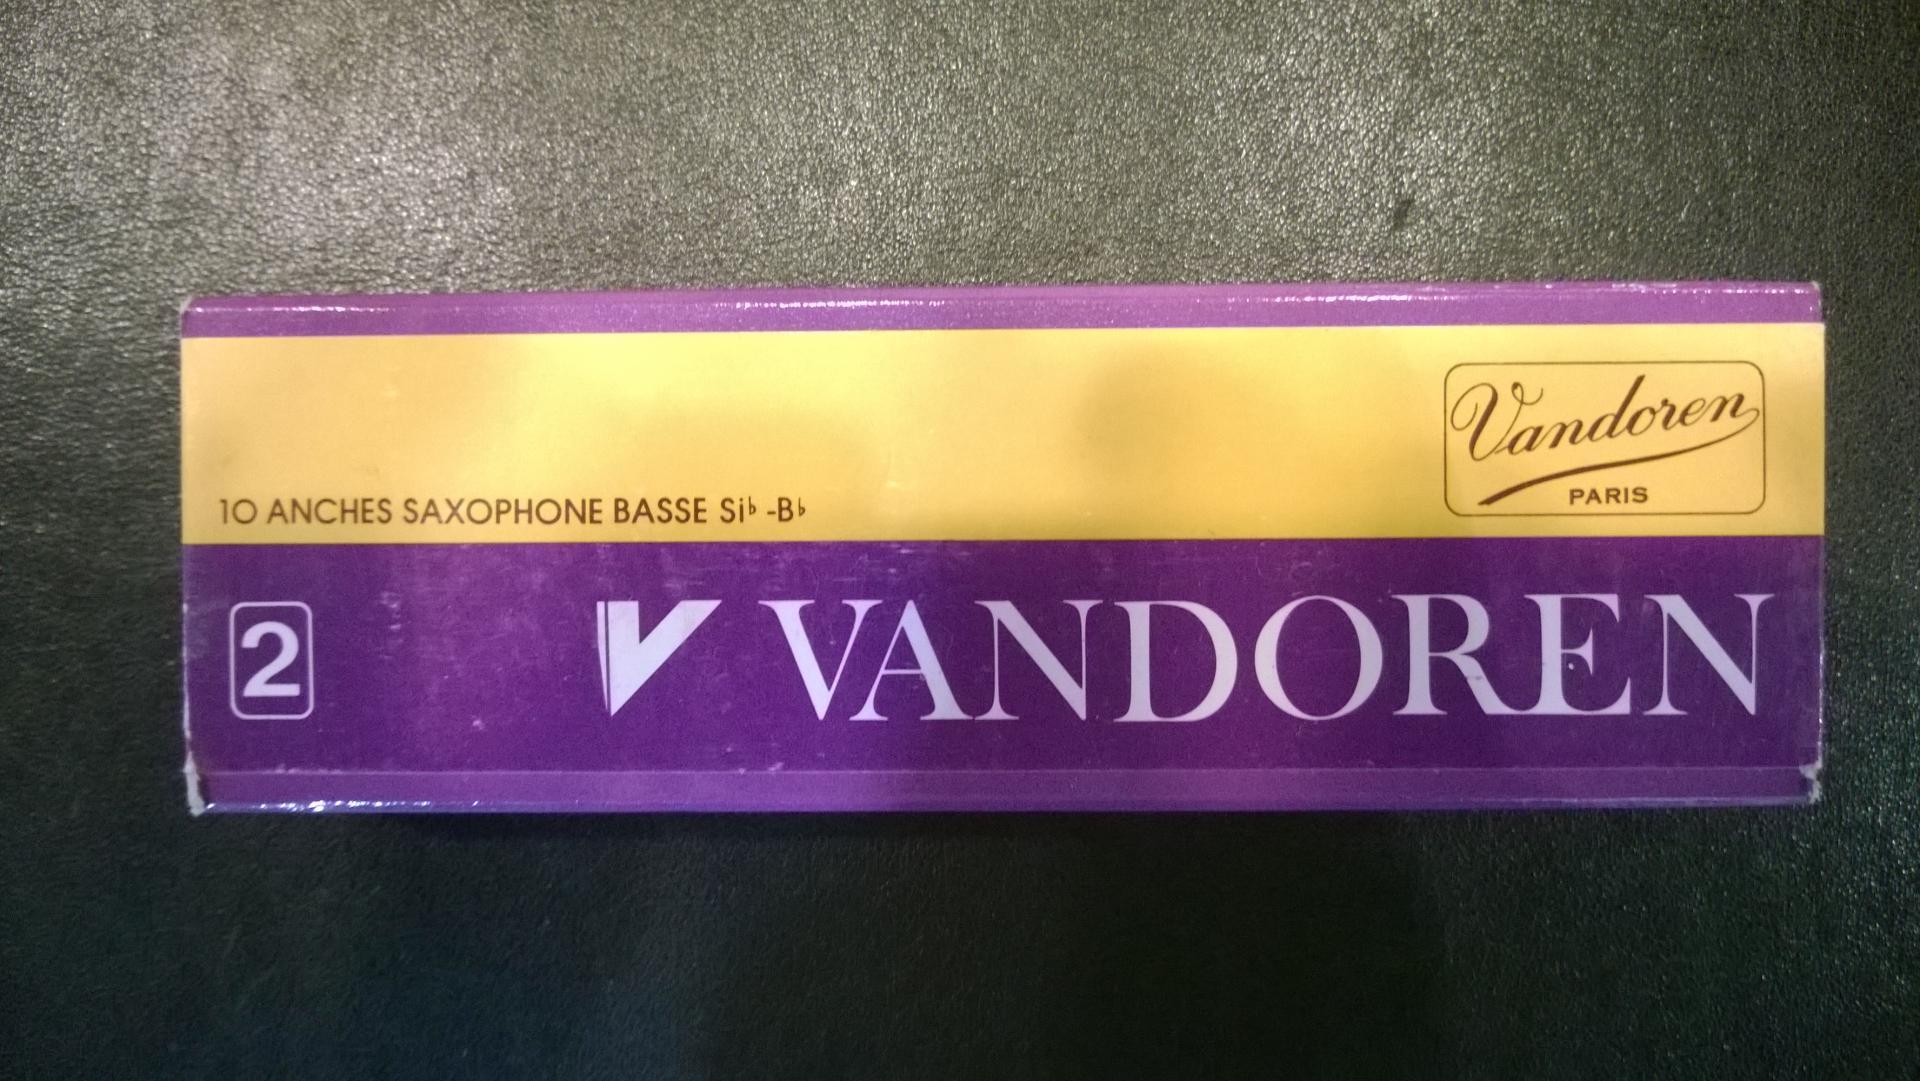 Vandoren saxo basse sib 2